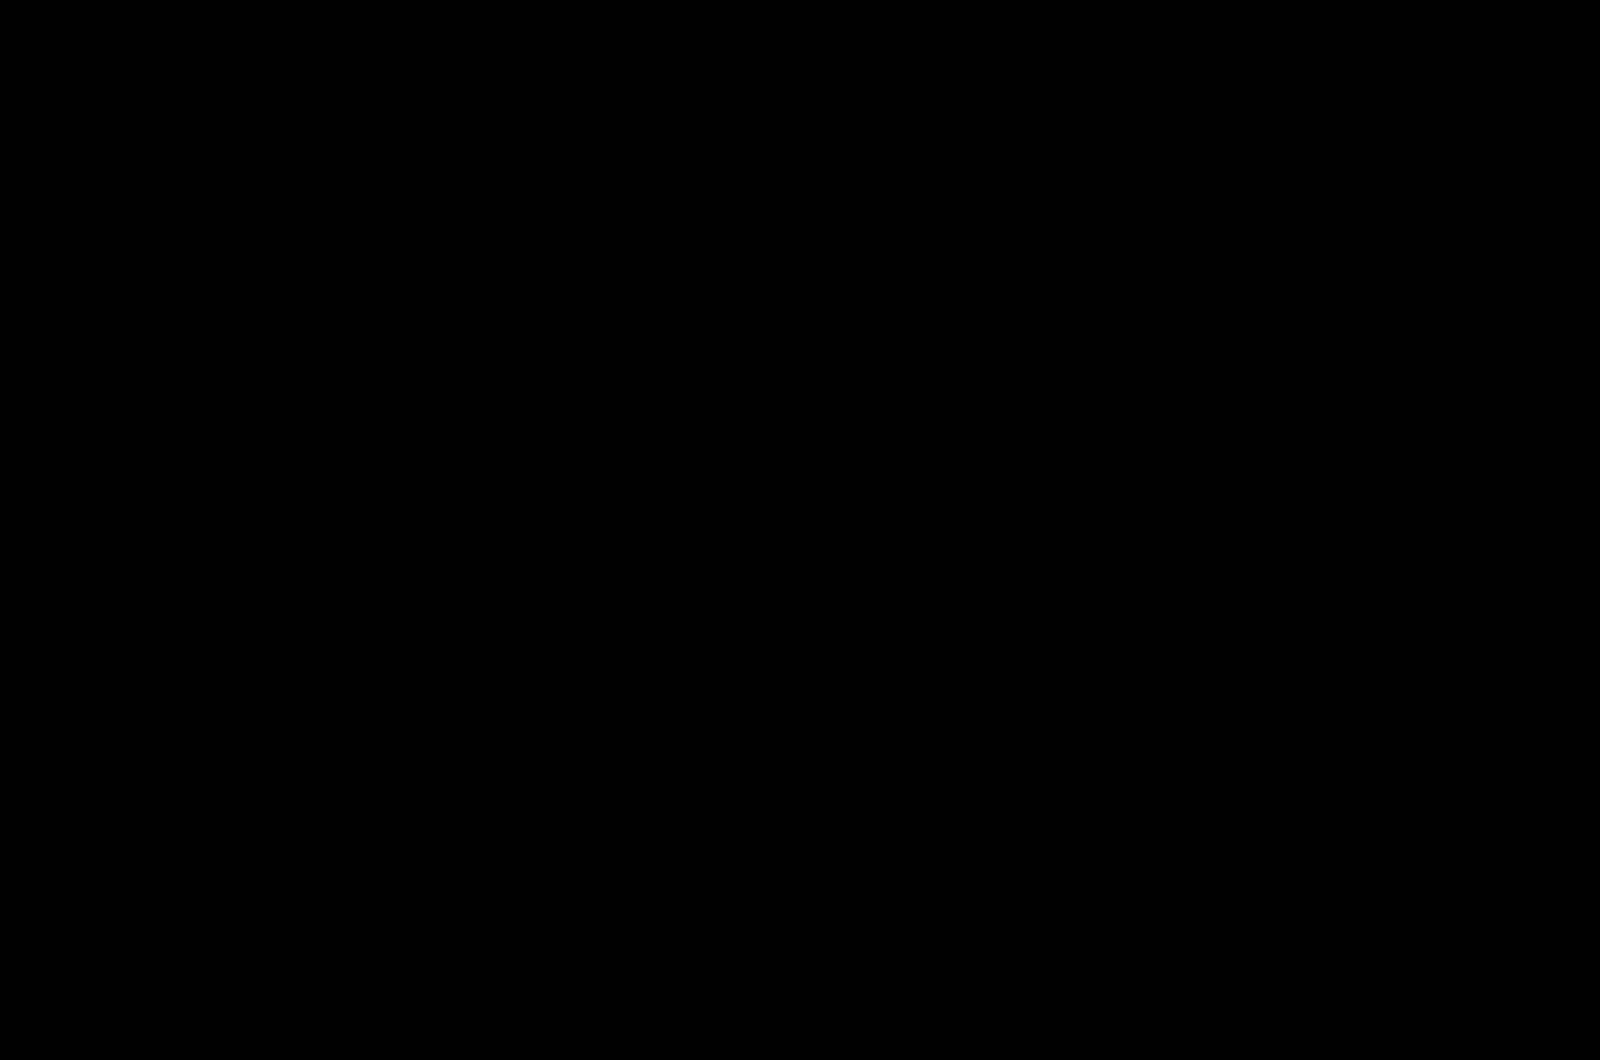 superbet est un super hros mchant thme alphabet cr par le designer simon koay pour les intresss vous pouvez acheter la lettre de chaque individu